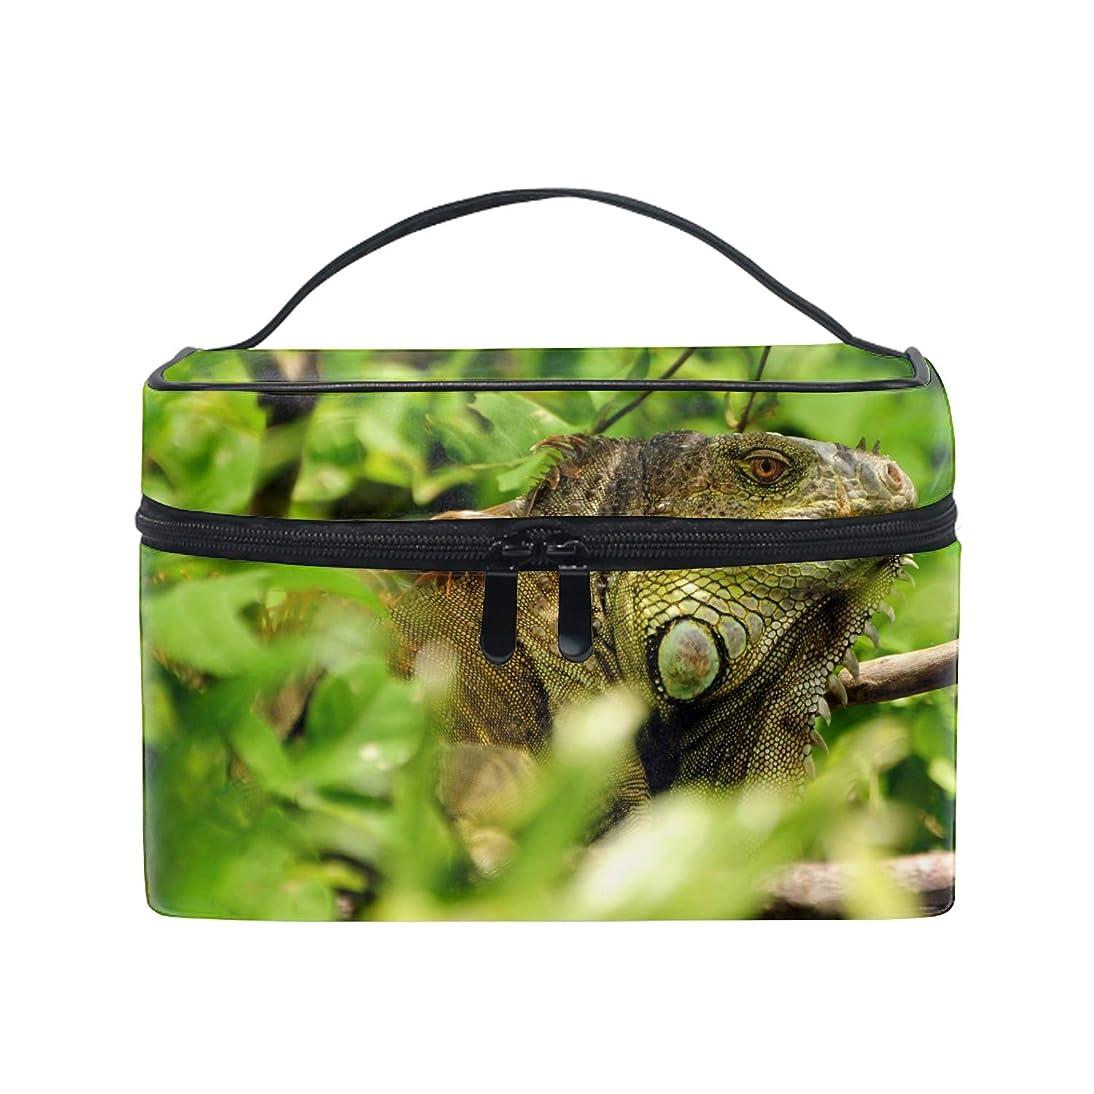 不利プラスチックいつでもグリーンイグアナトカゲ野生の自然林コスメポーチ メイクポーチ トイレタリーバッグ トラベルポーチ PC周辺小物整理